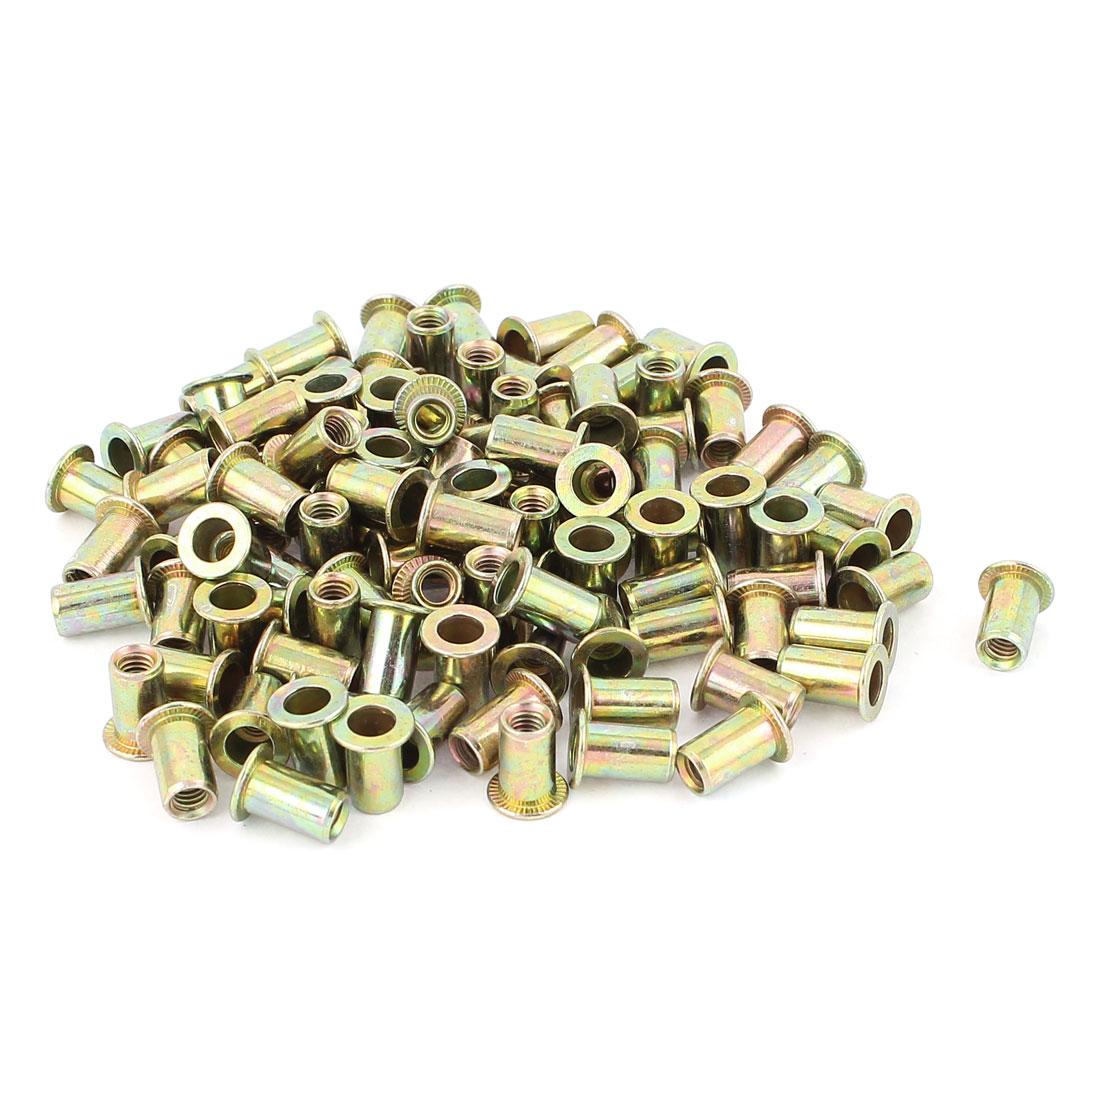 4mm Thread Dia Zinc Plated Rivet Nut Insert Nutsert Brass Tone 100Pcs